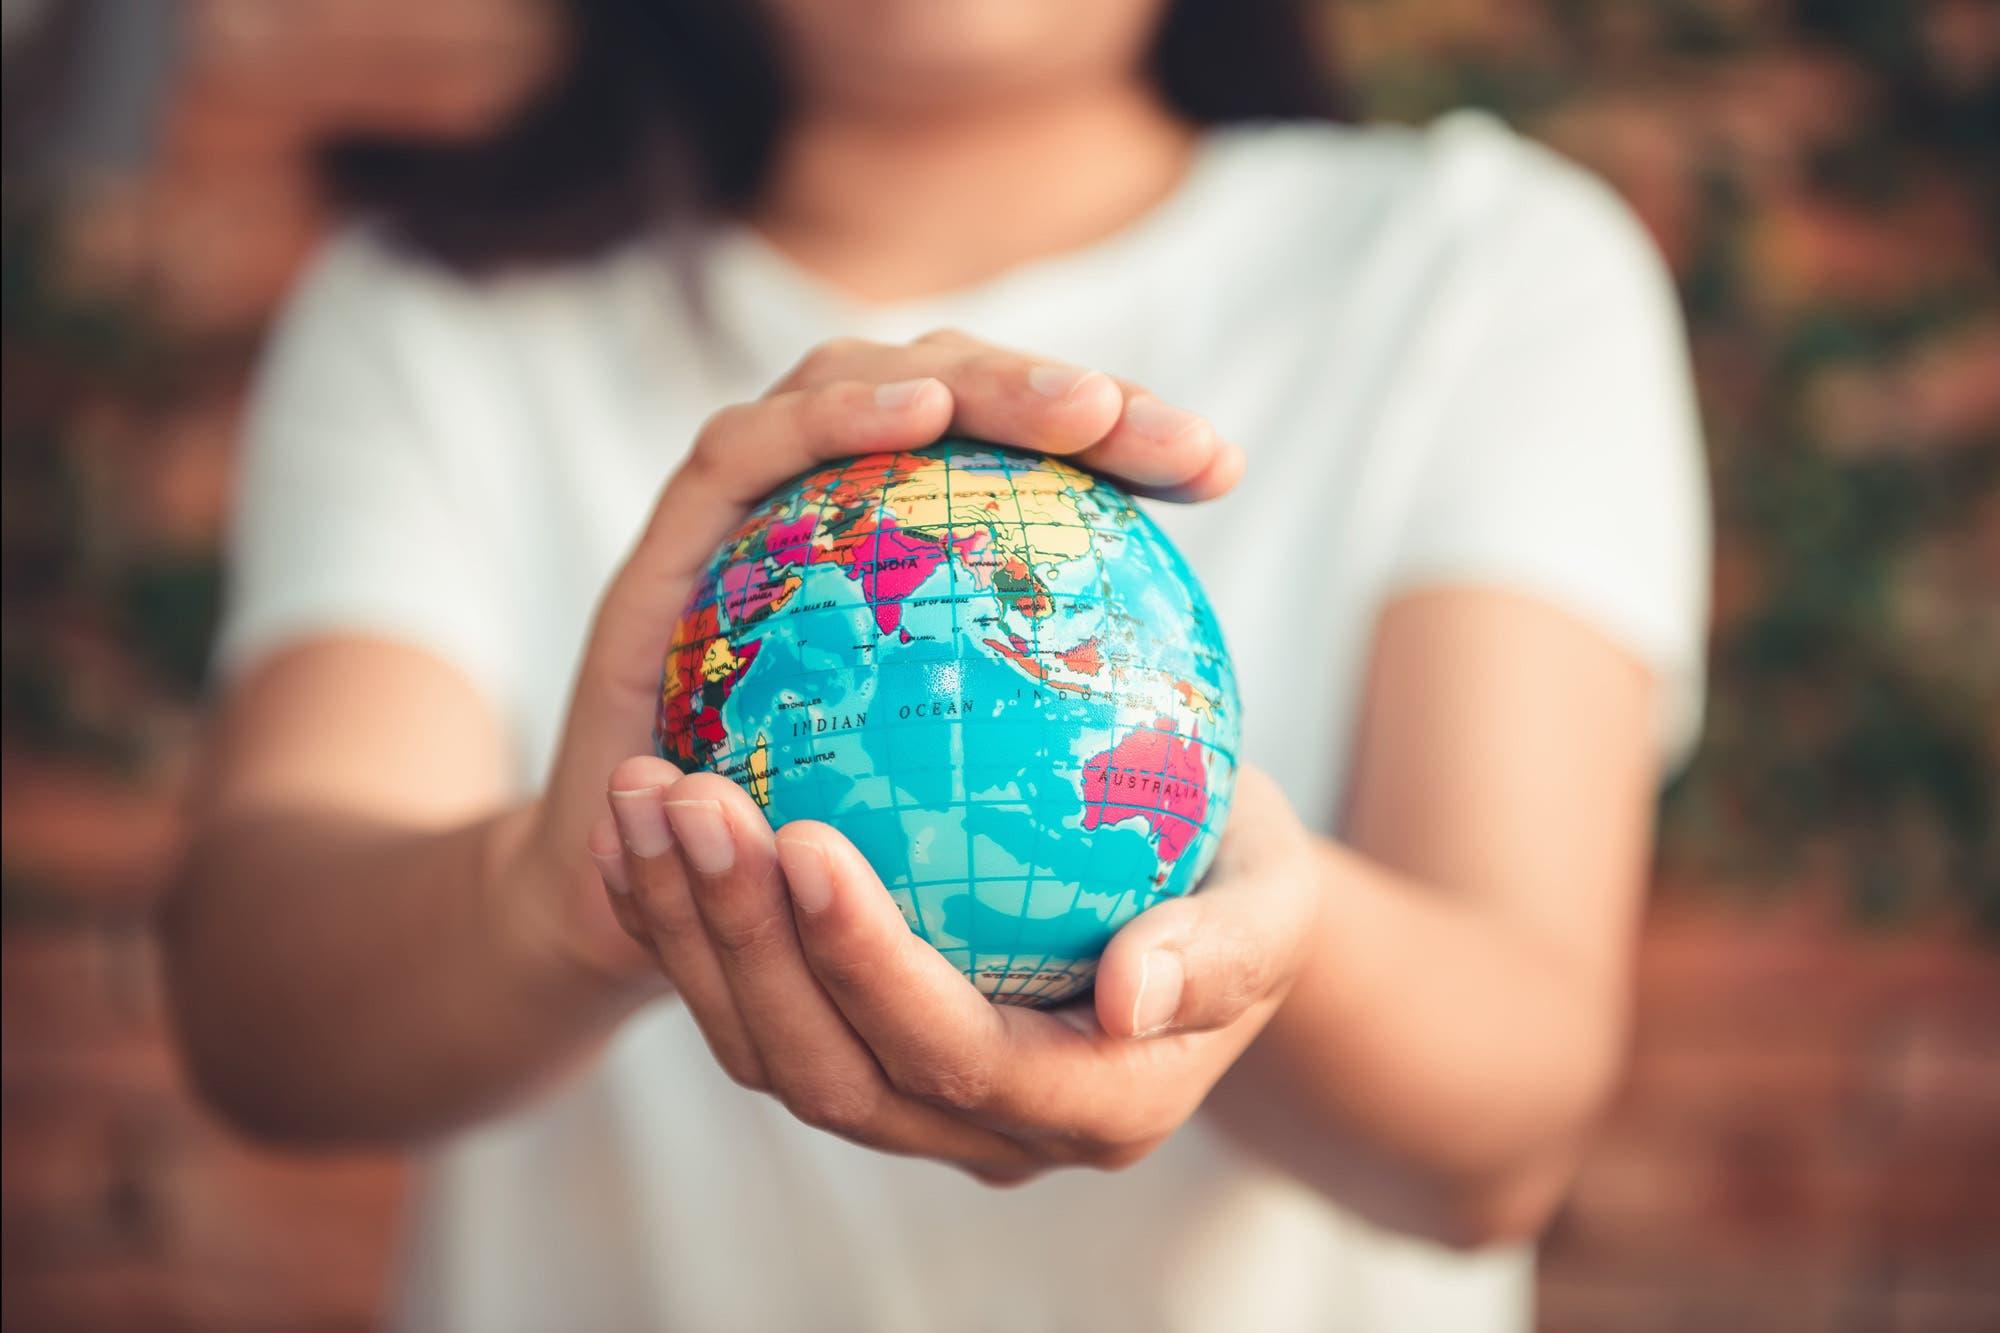 Economía global. Crecerá al ritmo más bajo desde la Gran Depresión